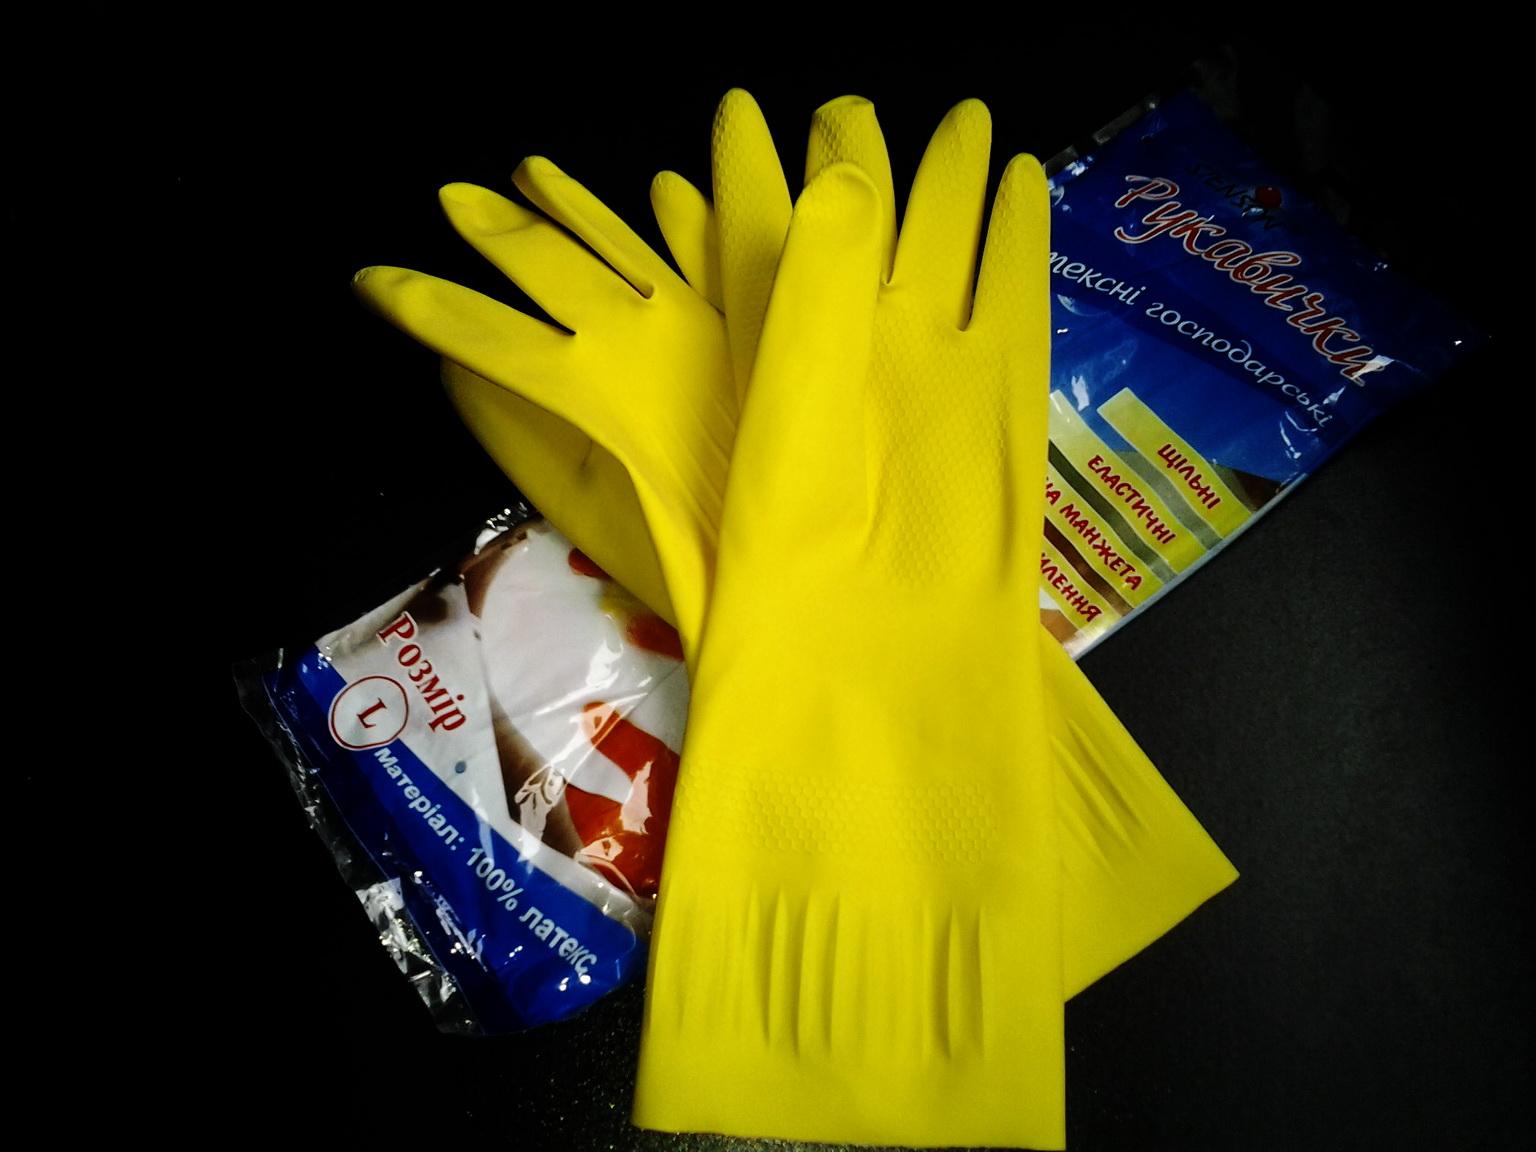 Текстурированные неопудренные перчатки от постовщика